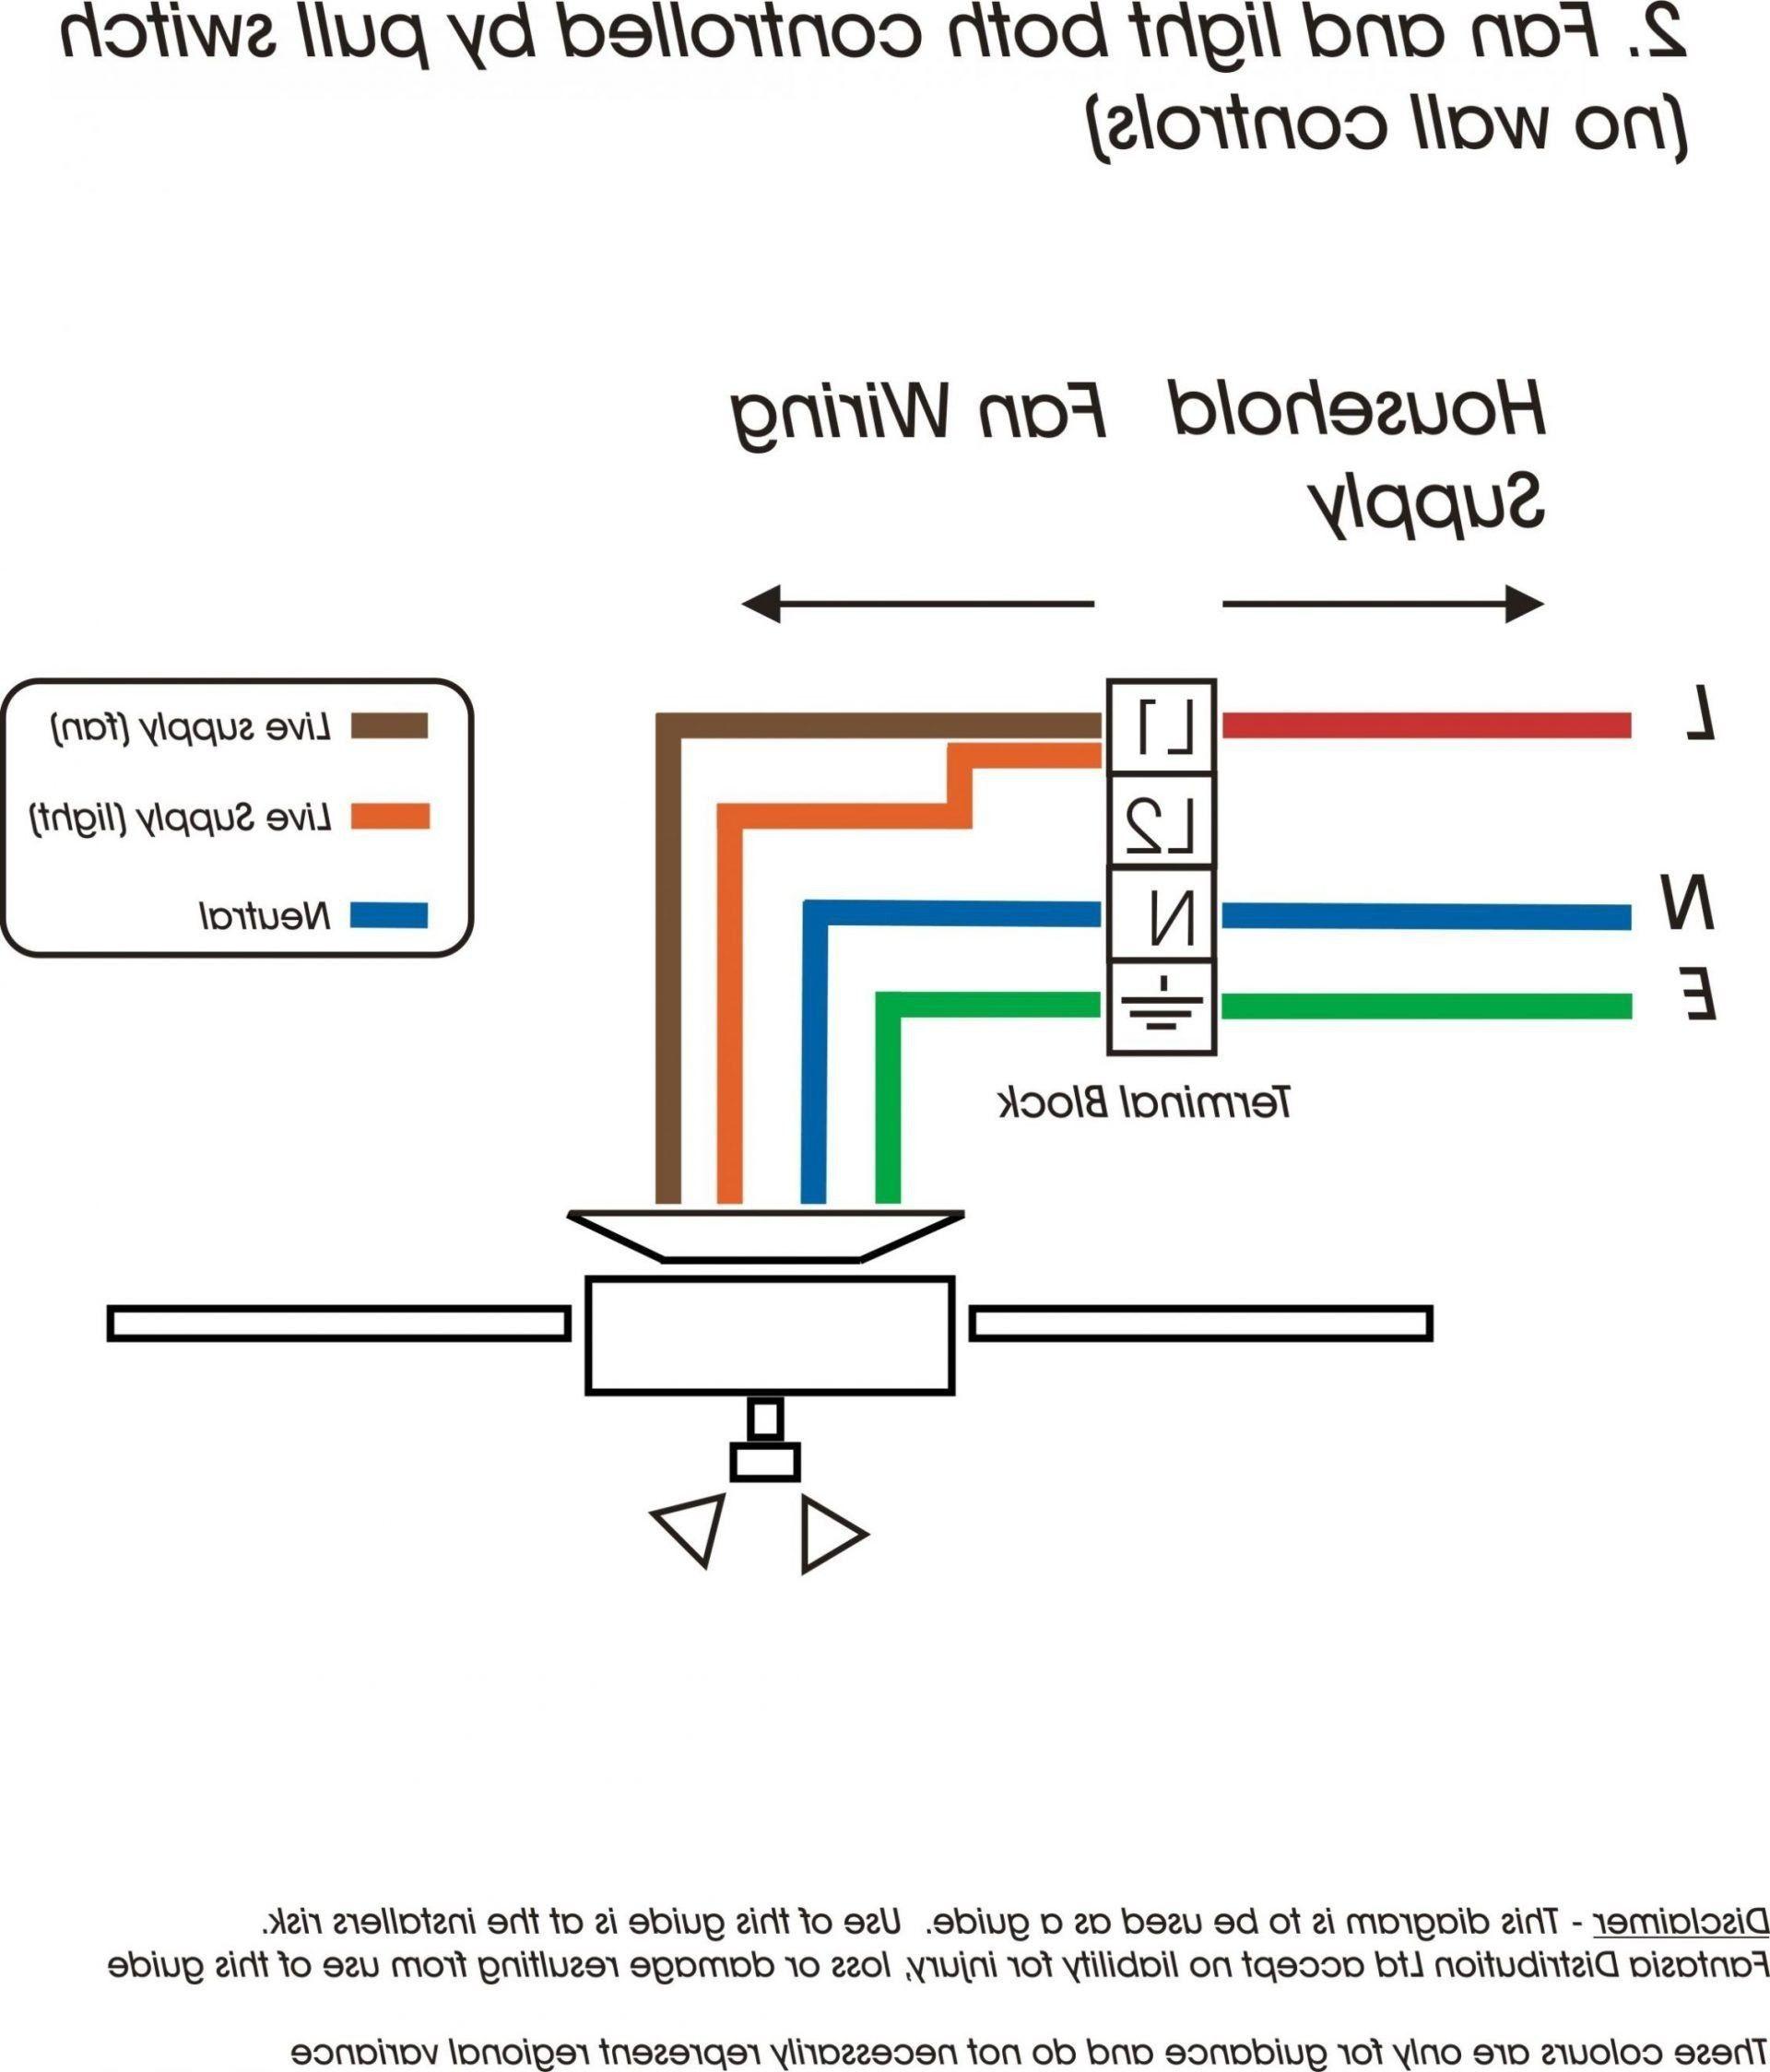 Unique Nema Contactor Wiring Diagram Diagram Diagramtemplate Diagramsample Caravana De Lagrima Motor Dc Esquemas Electronicos